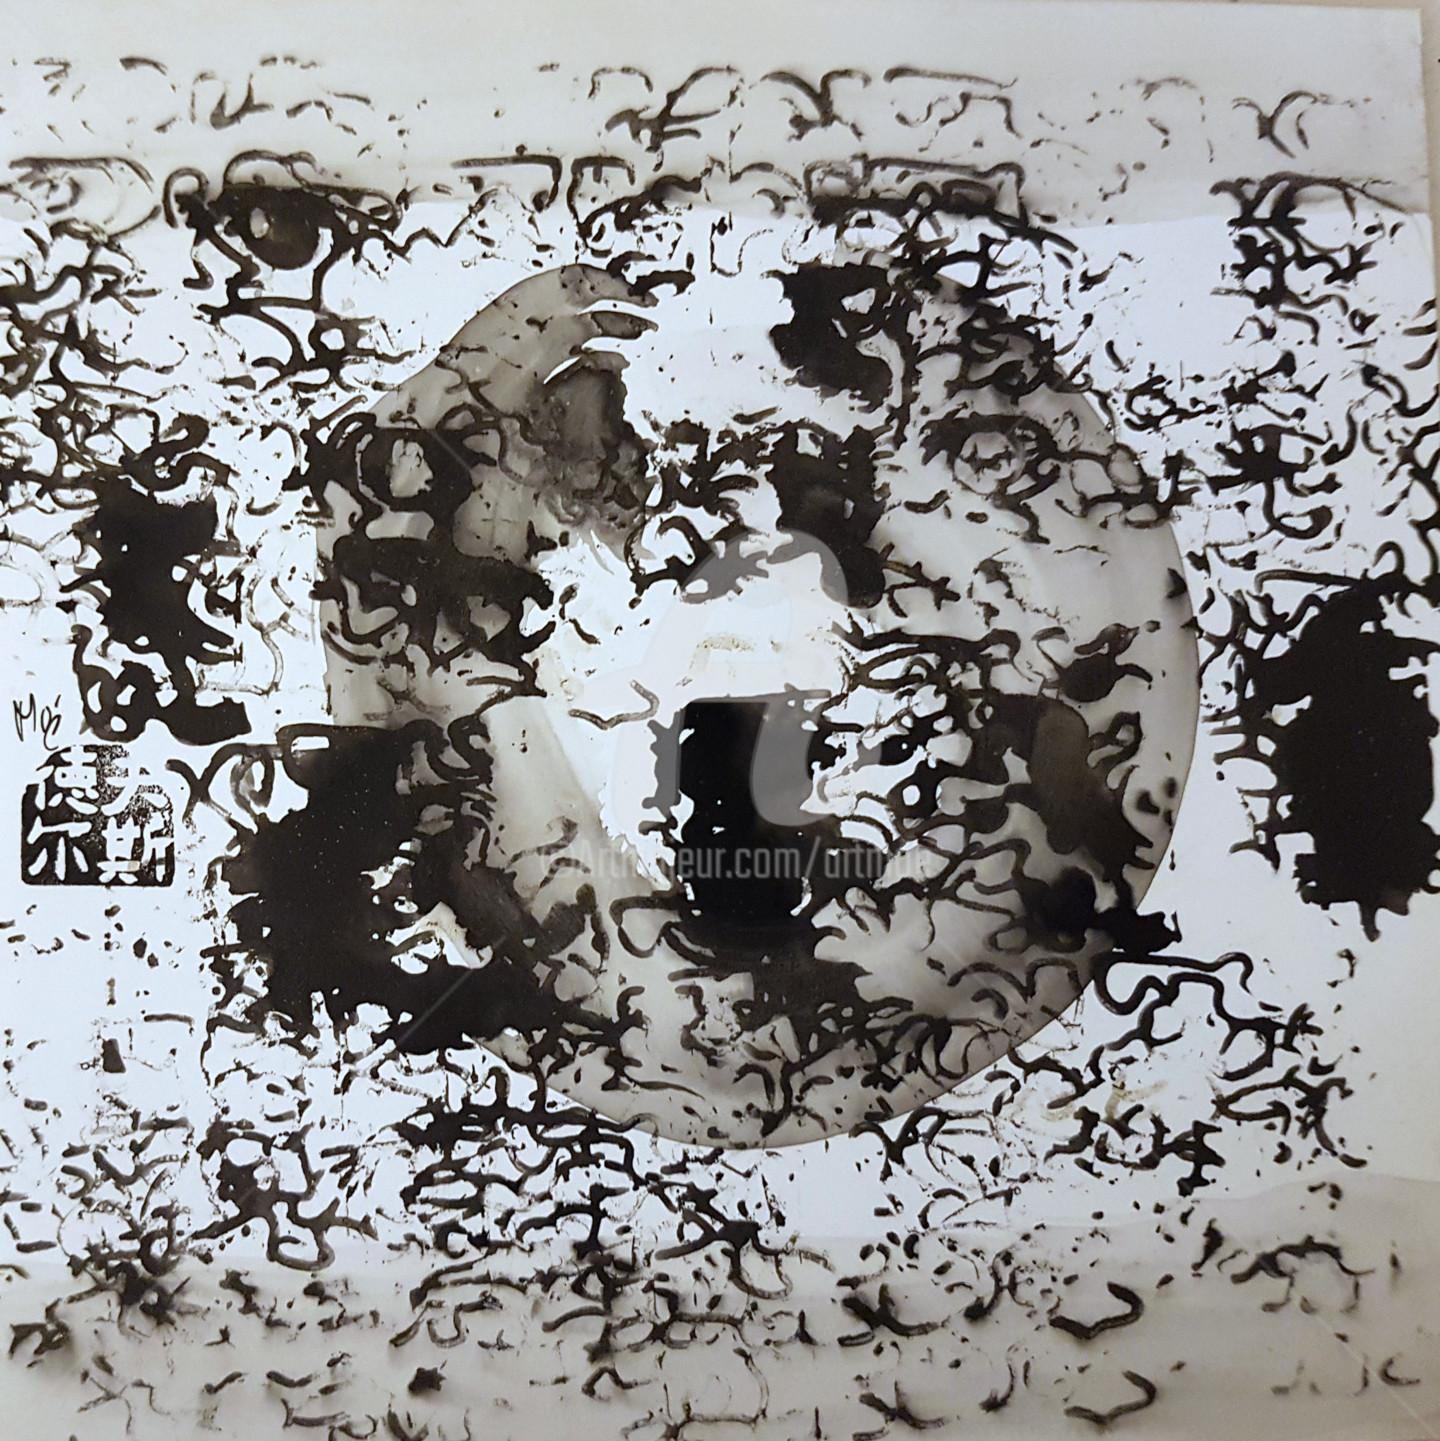 Art Moé - Sumi e Contemporary #20